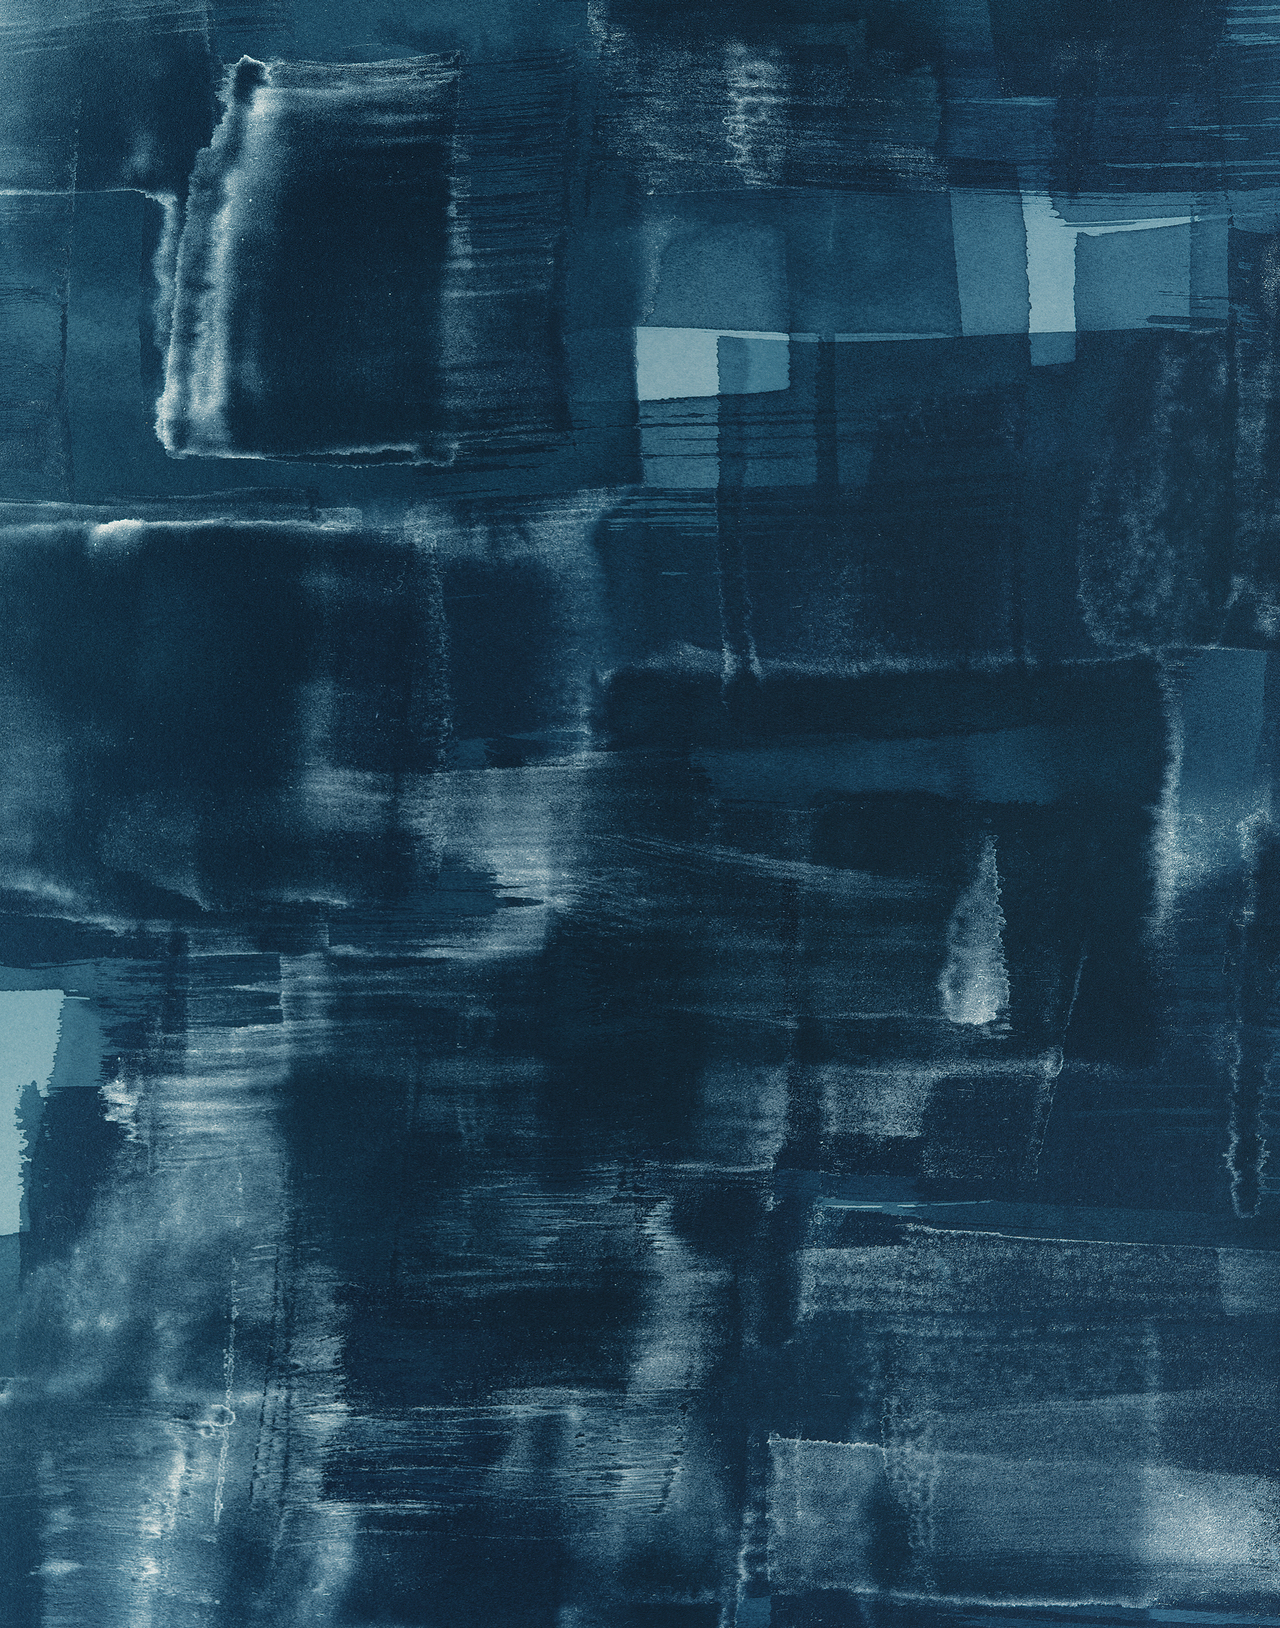 cyanotype16